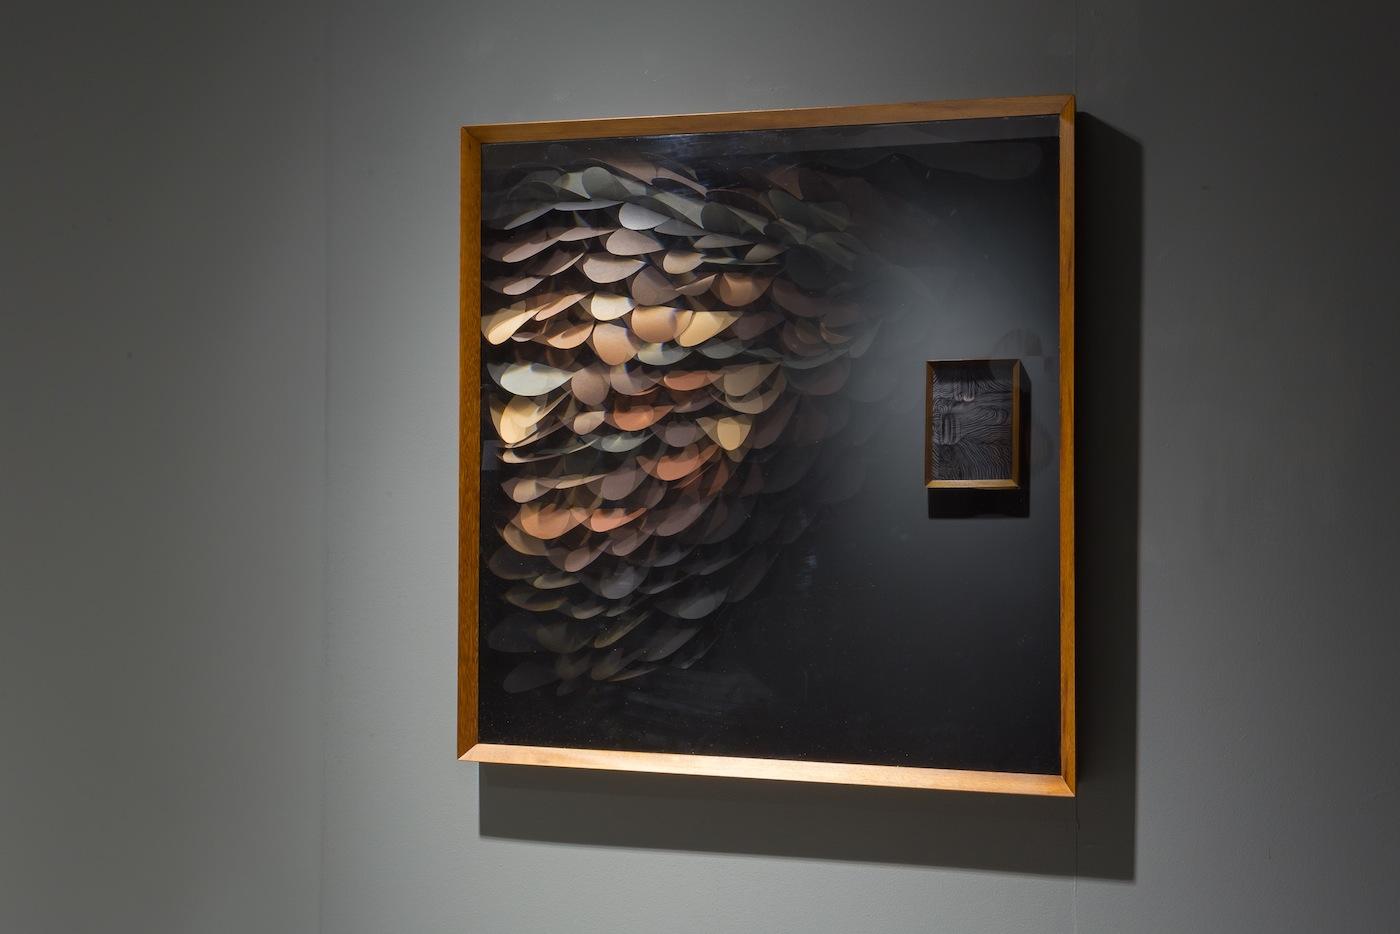 Maurizio Donzelli, Mirror, cm 101 x 97 x 7,5, mix media in box, 2016. Veduta della mostra Maurizio Donzelli Invisibile-No, Marignana Arte, Venezia